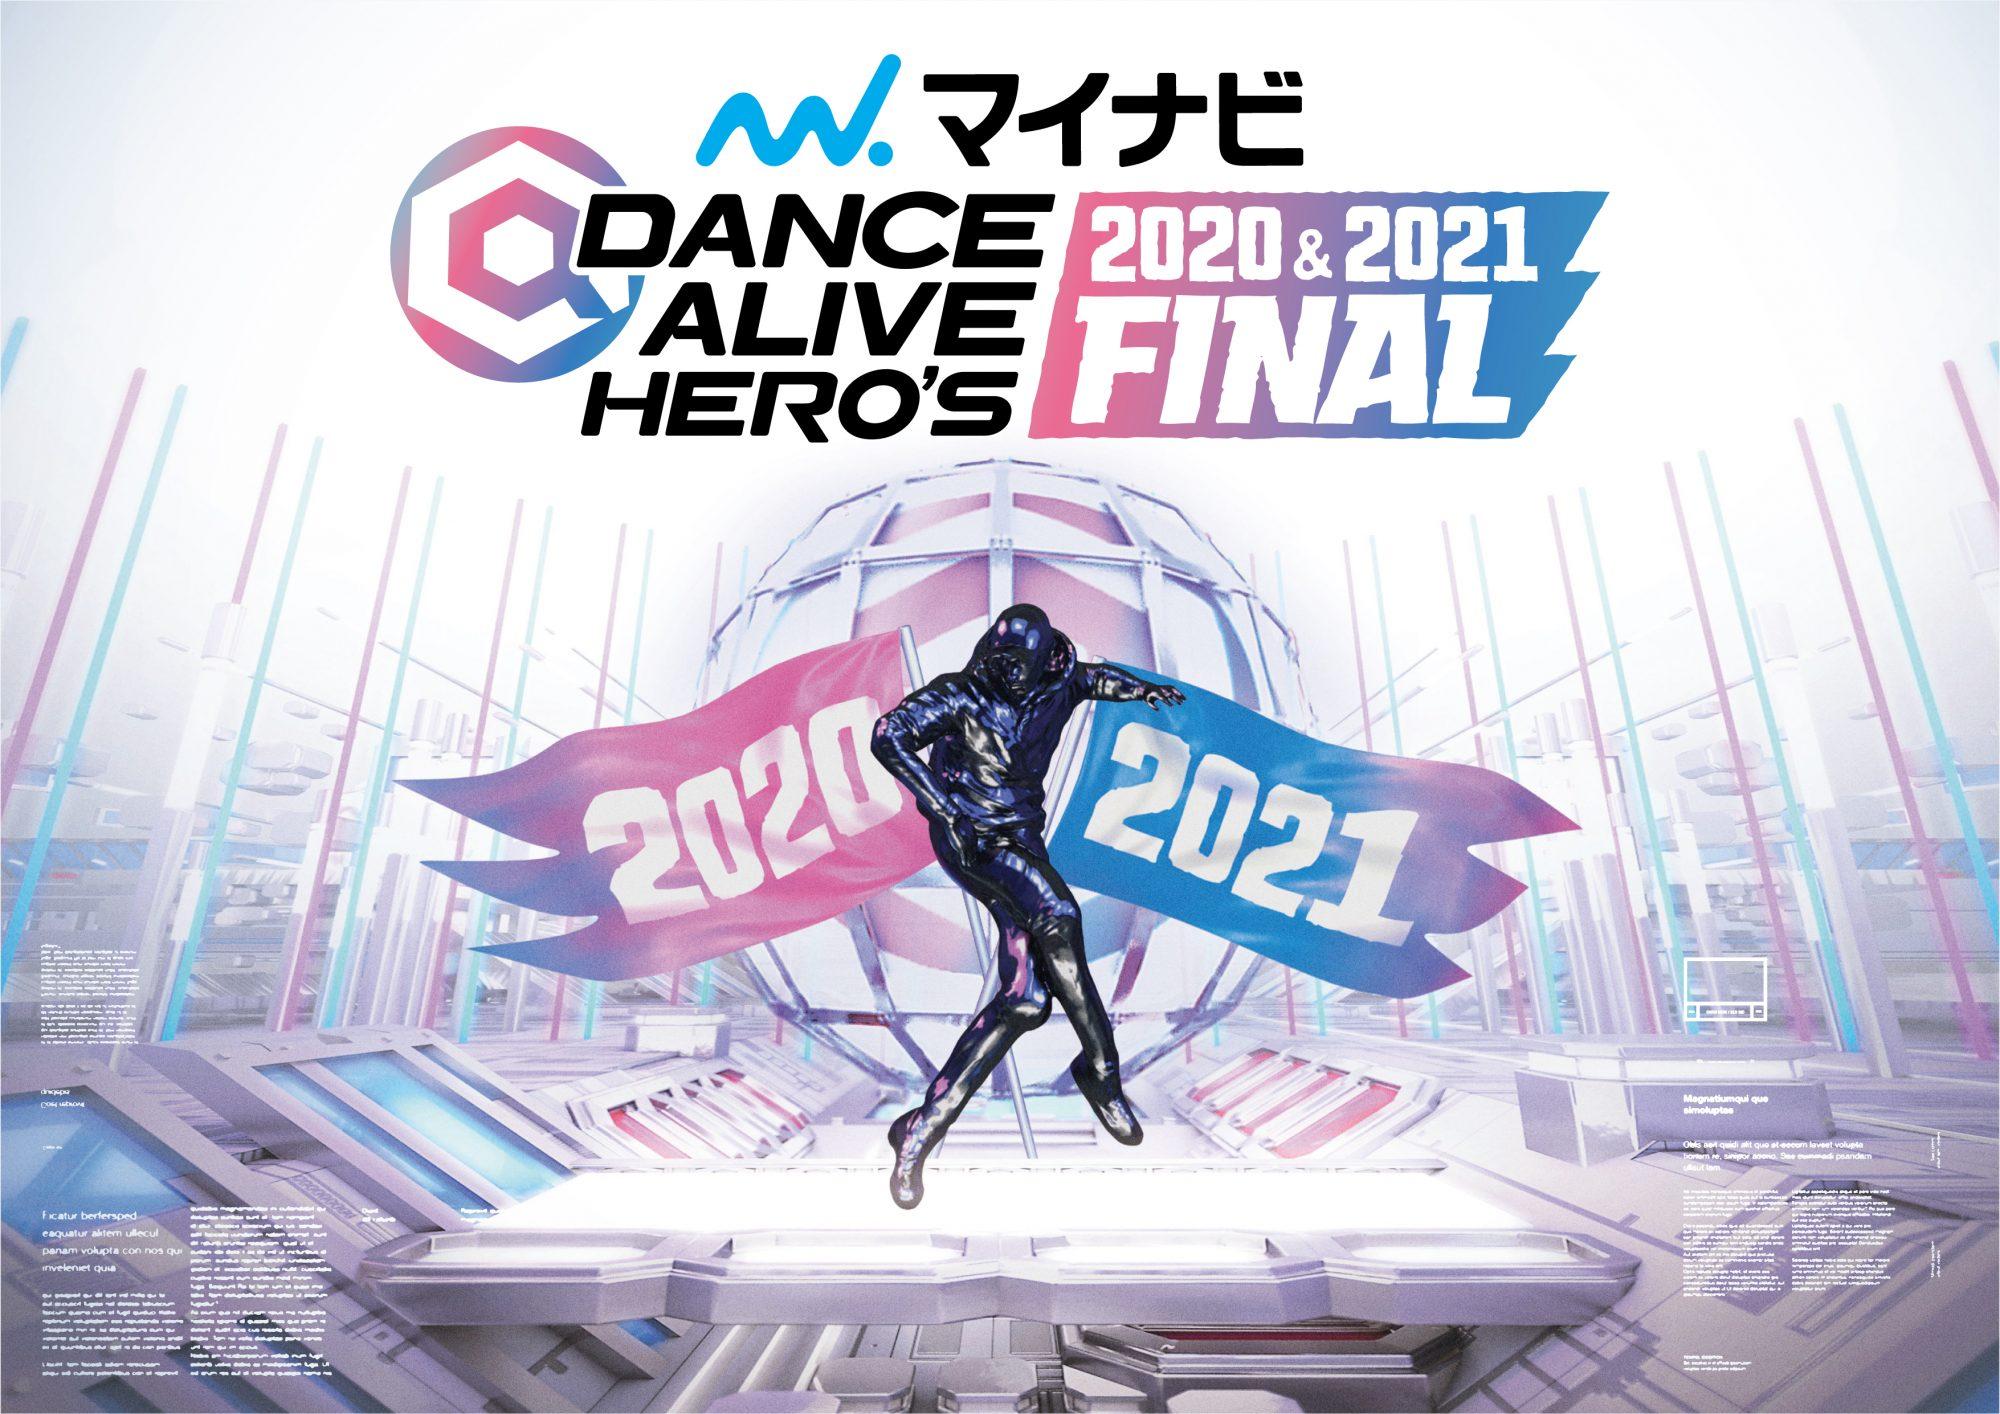 「マイナビDANCE ALIVE HERO'S 2020&2021 FINAL」開催決定のお知らせ